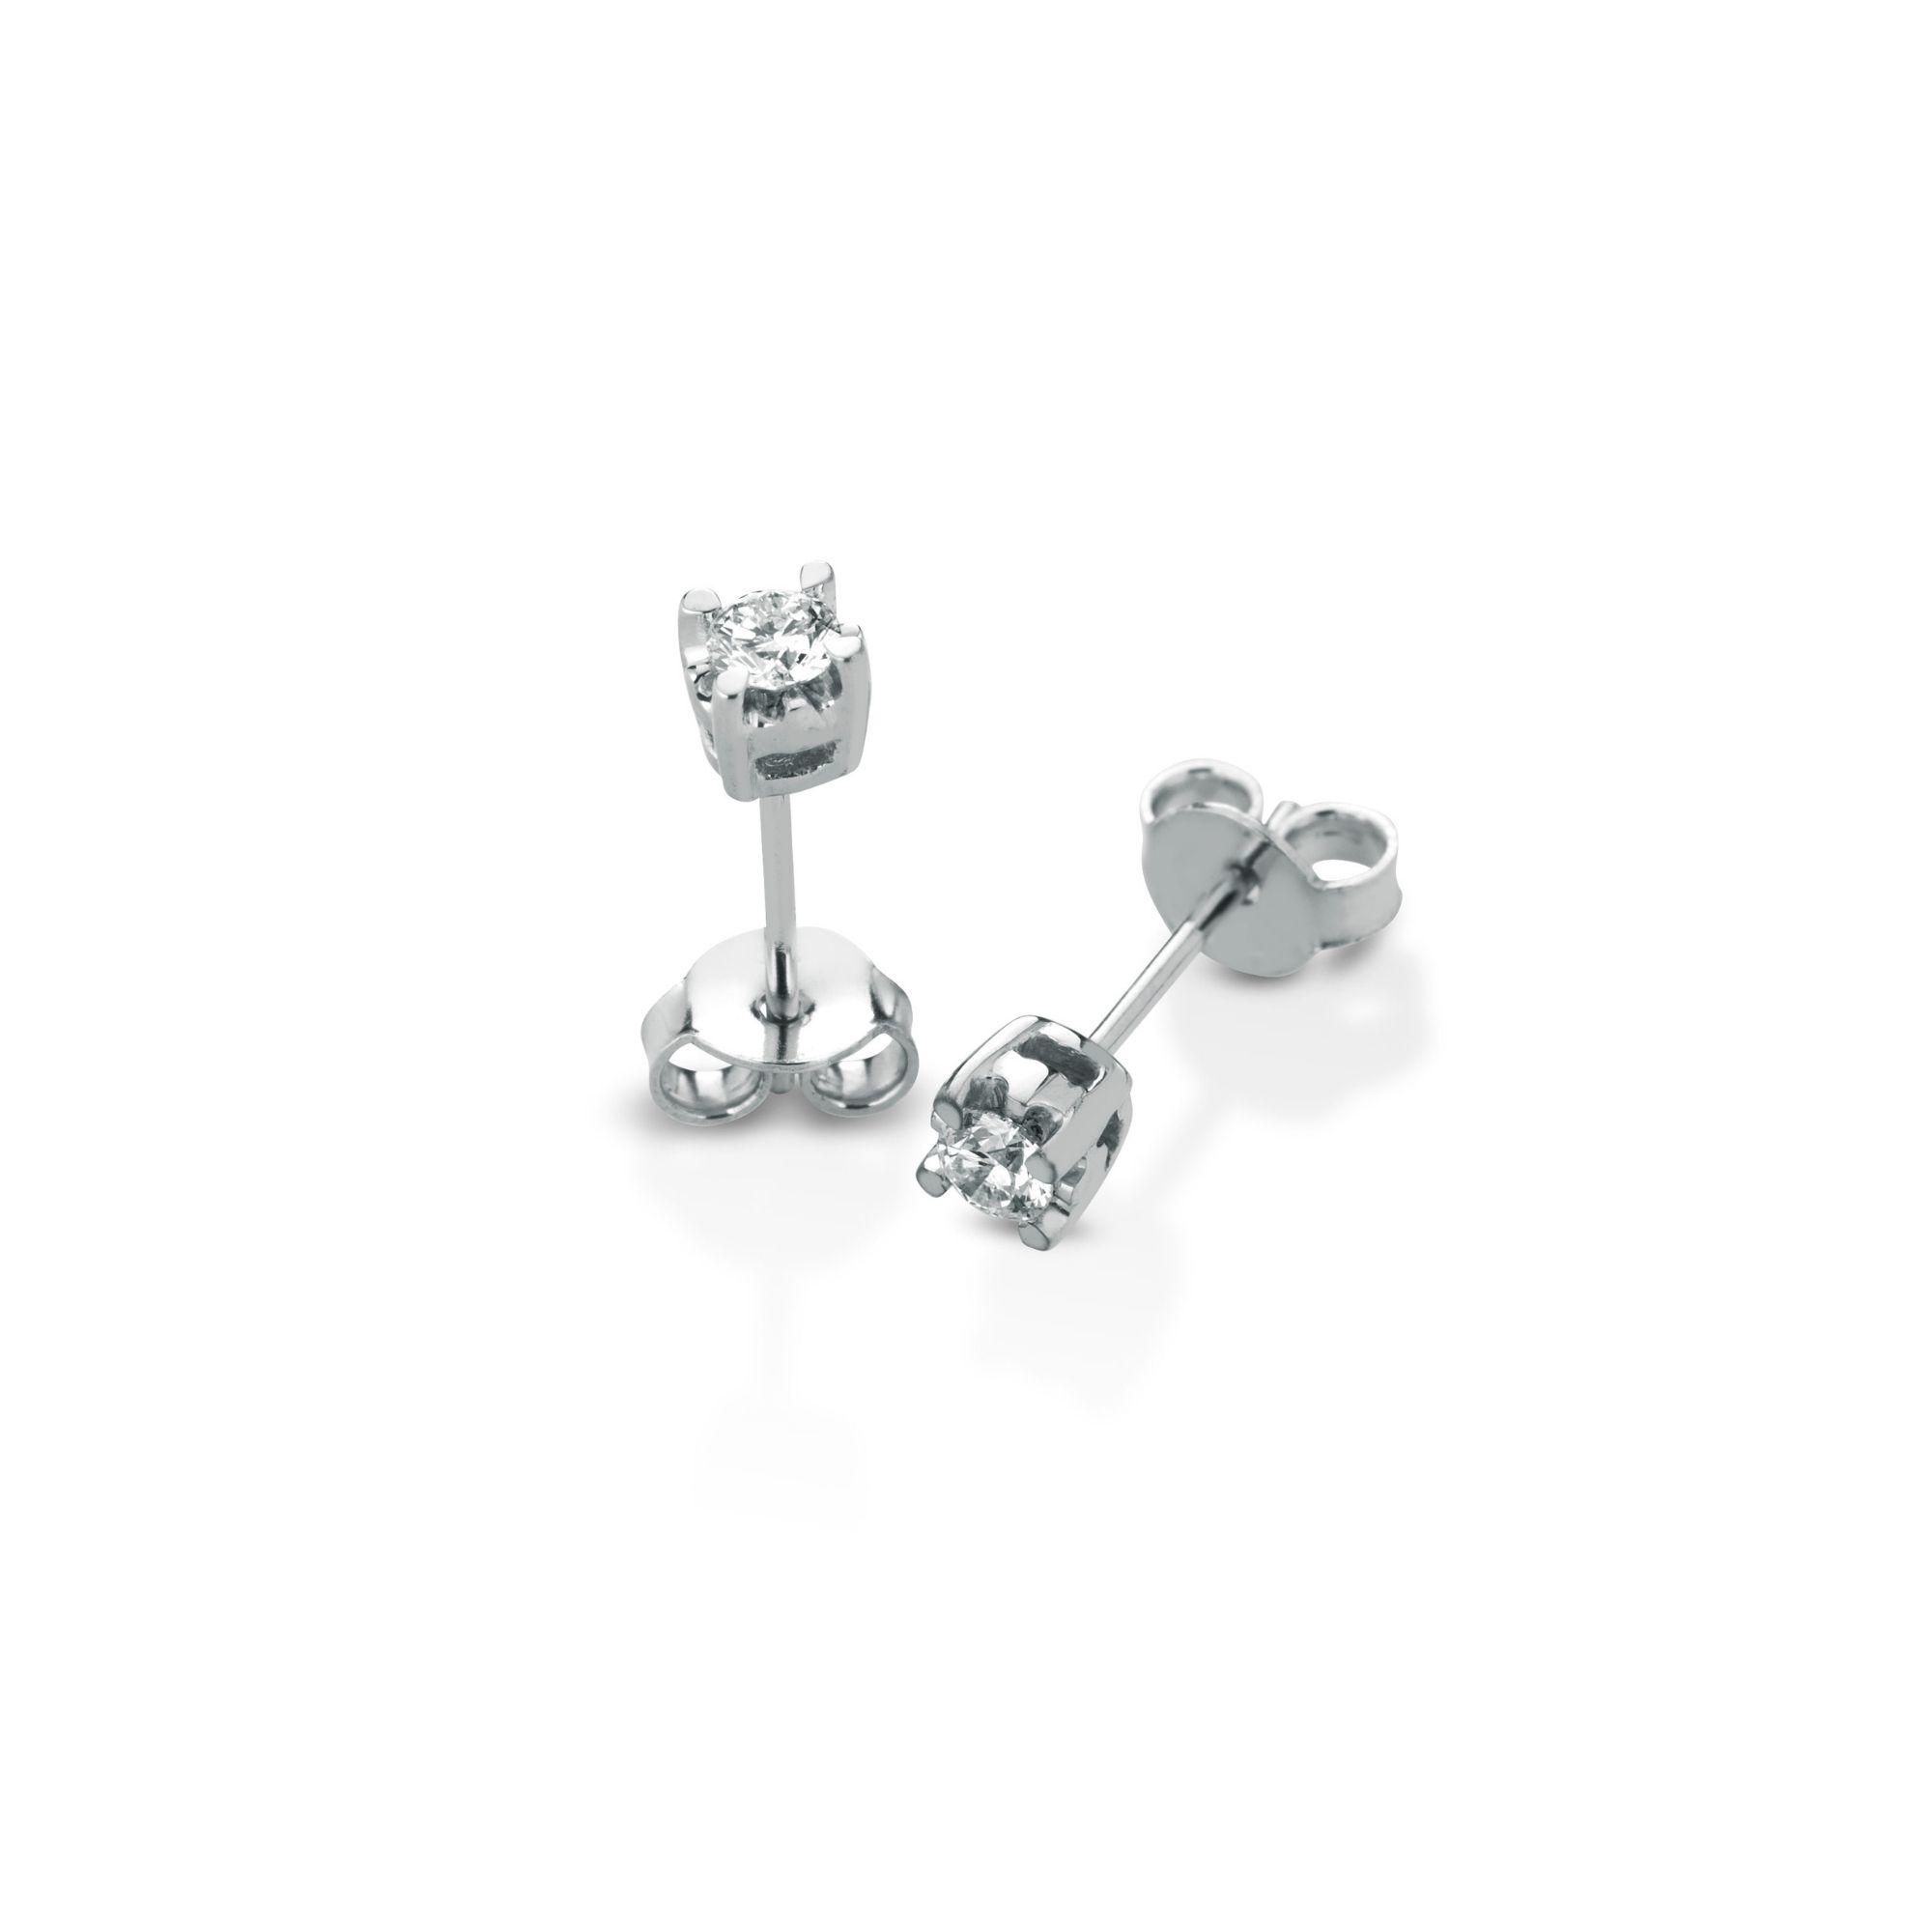 Orecchini al lobo con diamanti Lobe earrings with diamonds sconto discount